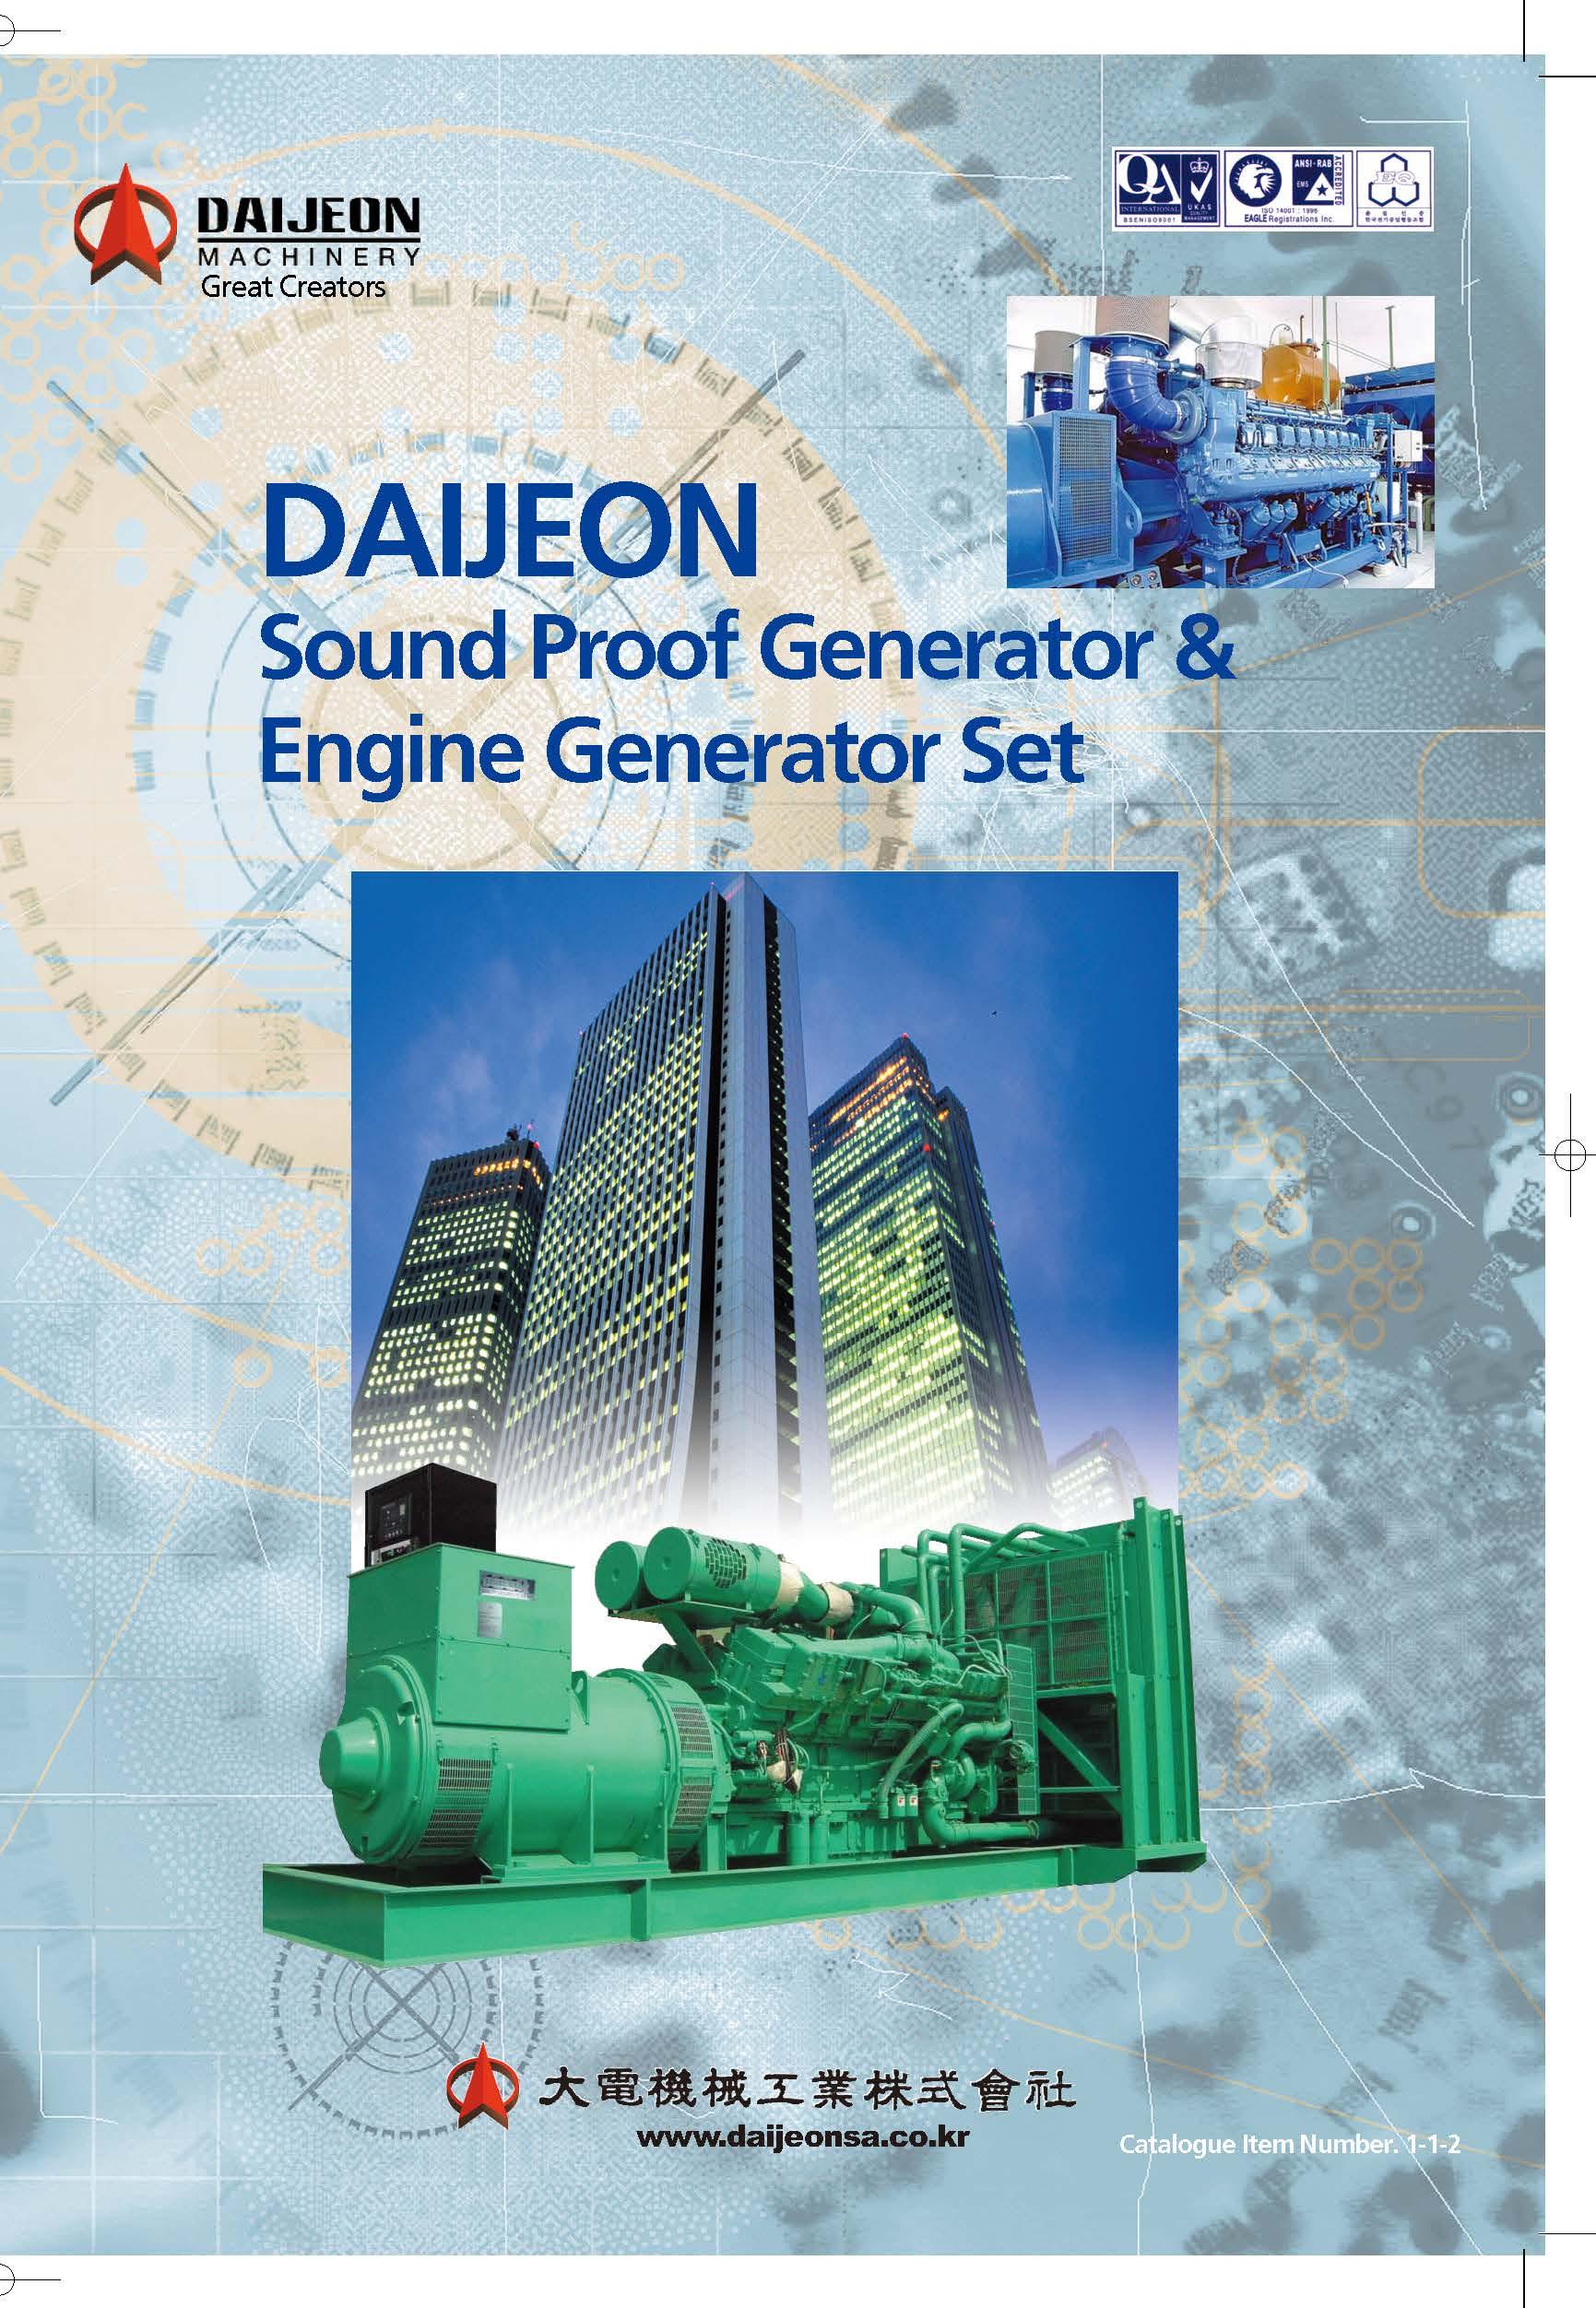 [Catalog]Daijeon Machinery Generator Sets(cut)_페이지_01